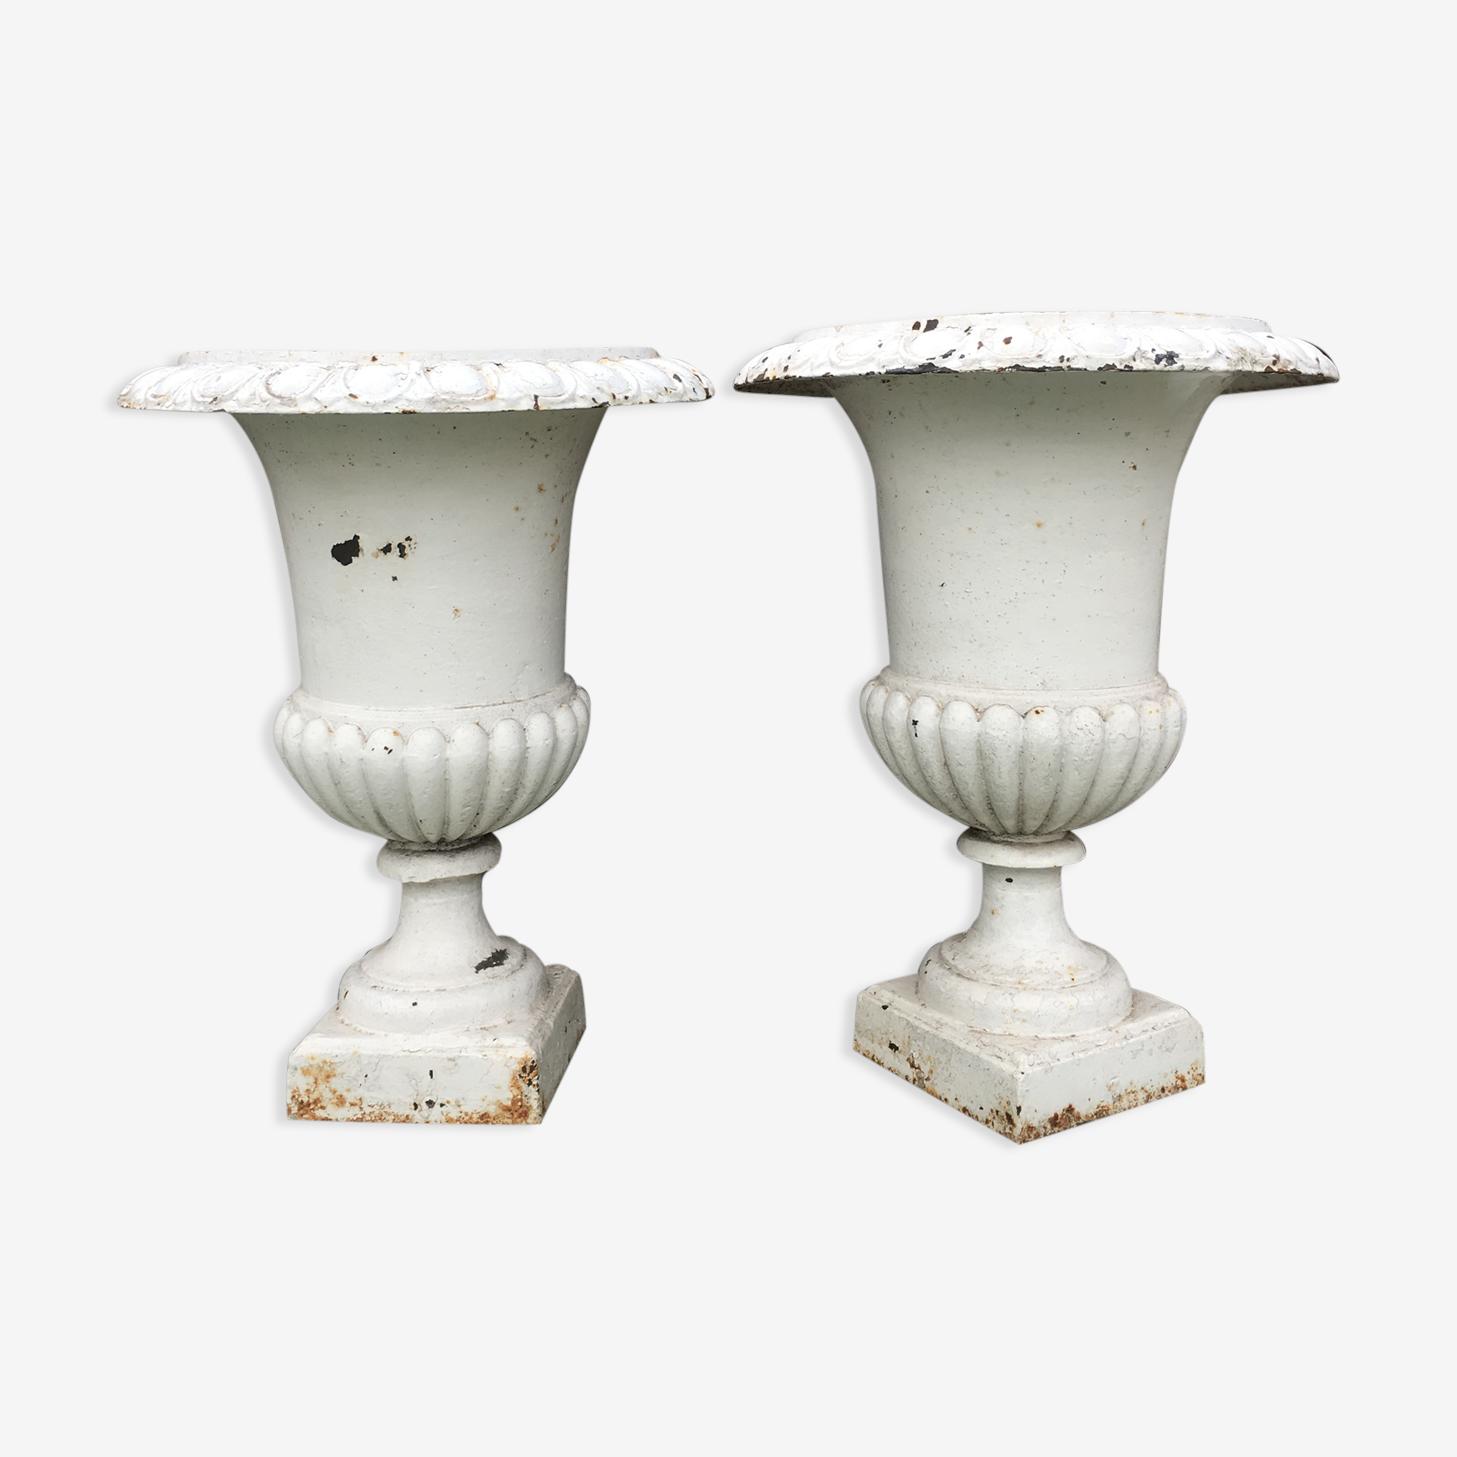 Pair of Medici cast-iron